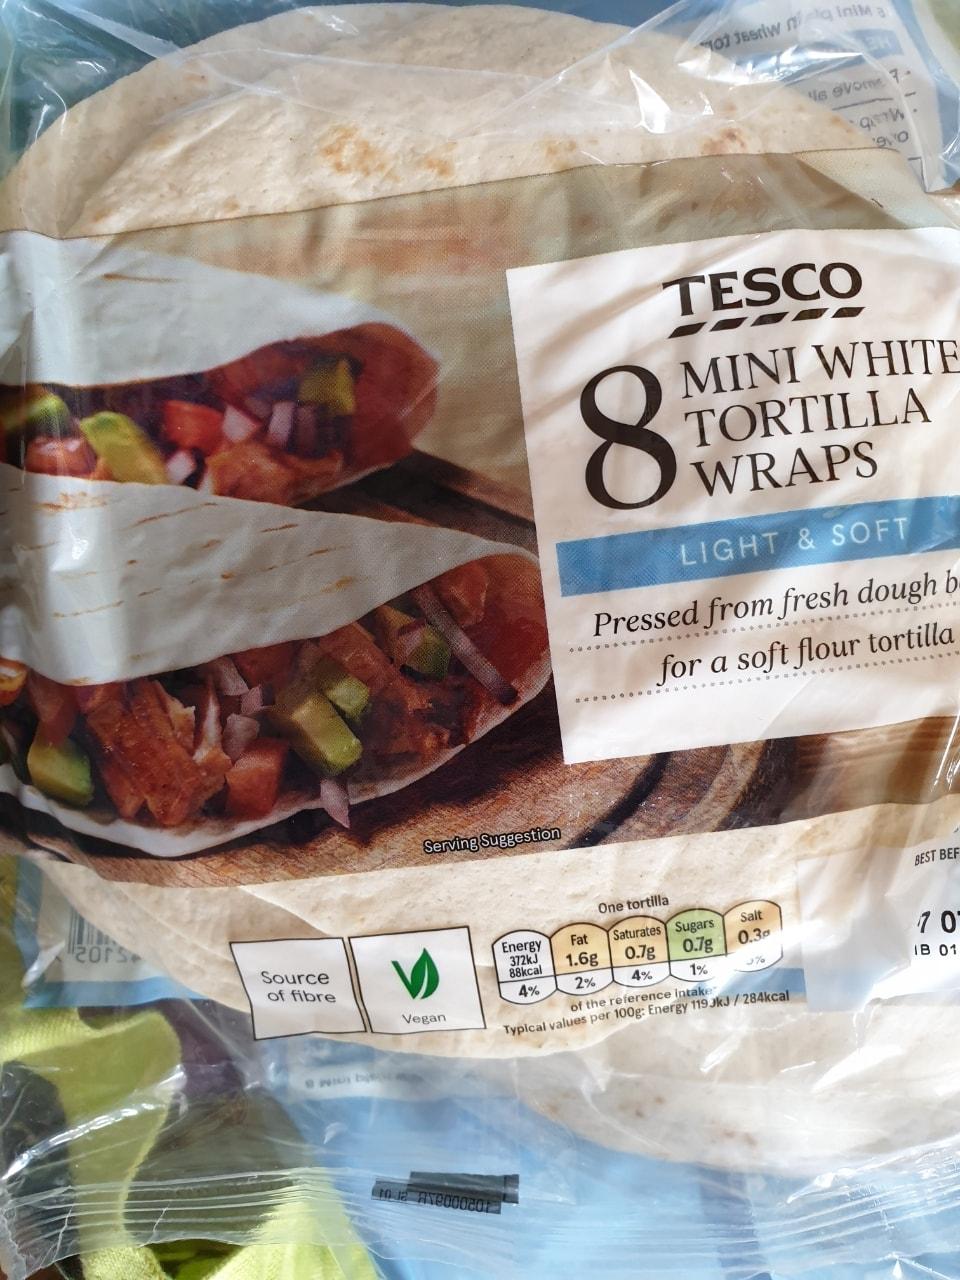 Mini white wraps